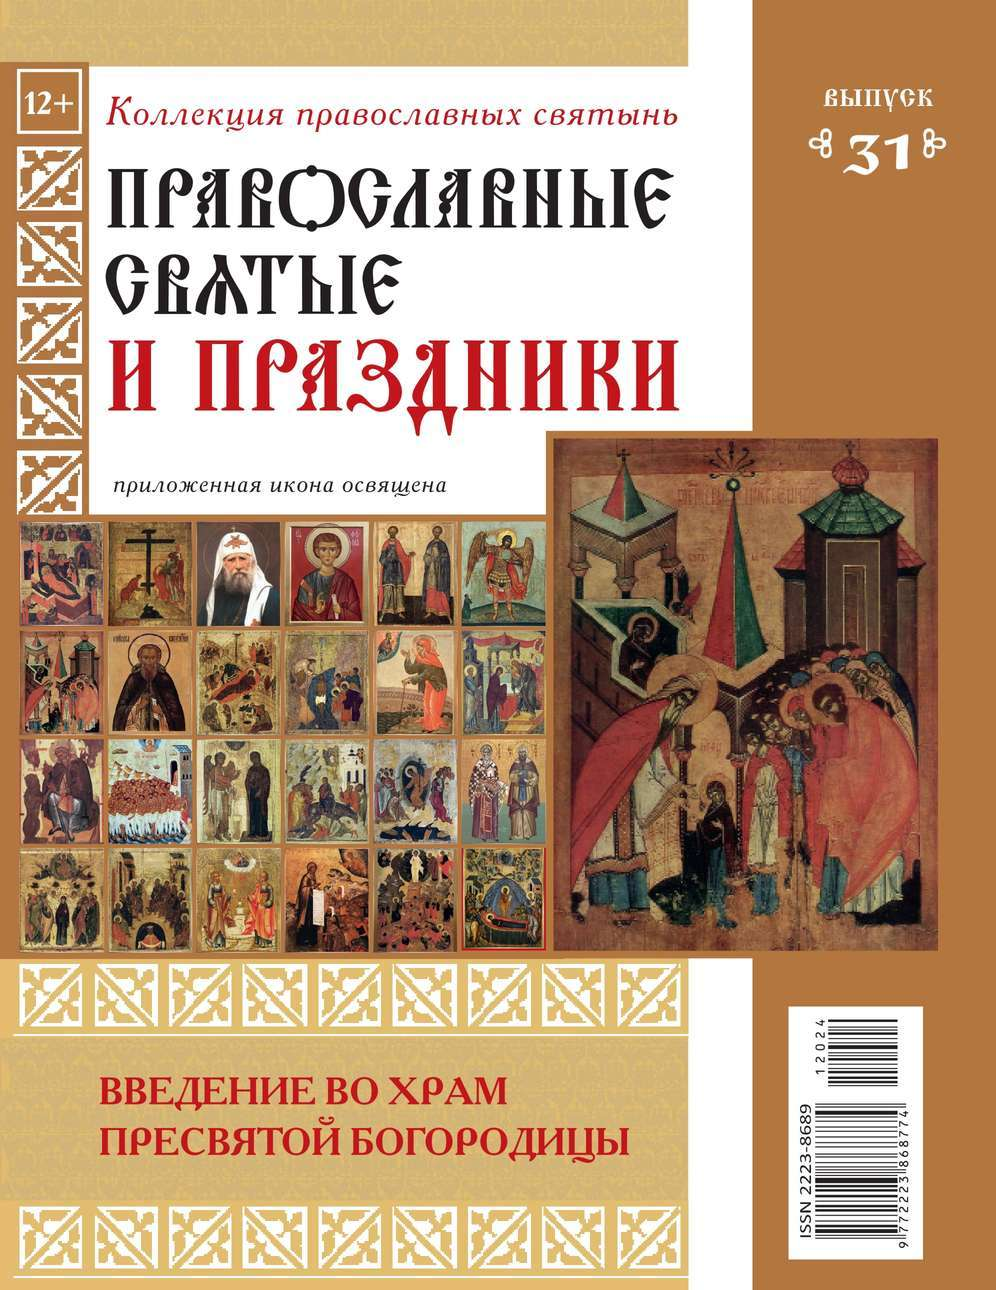 Коллекция Православных Святынь 31